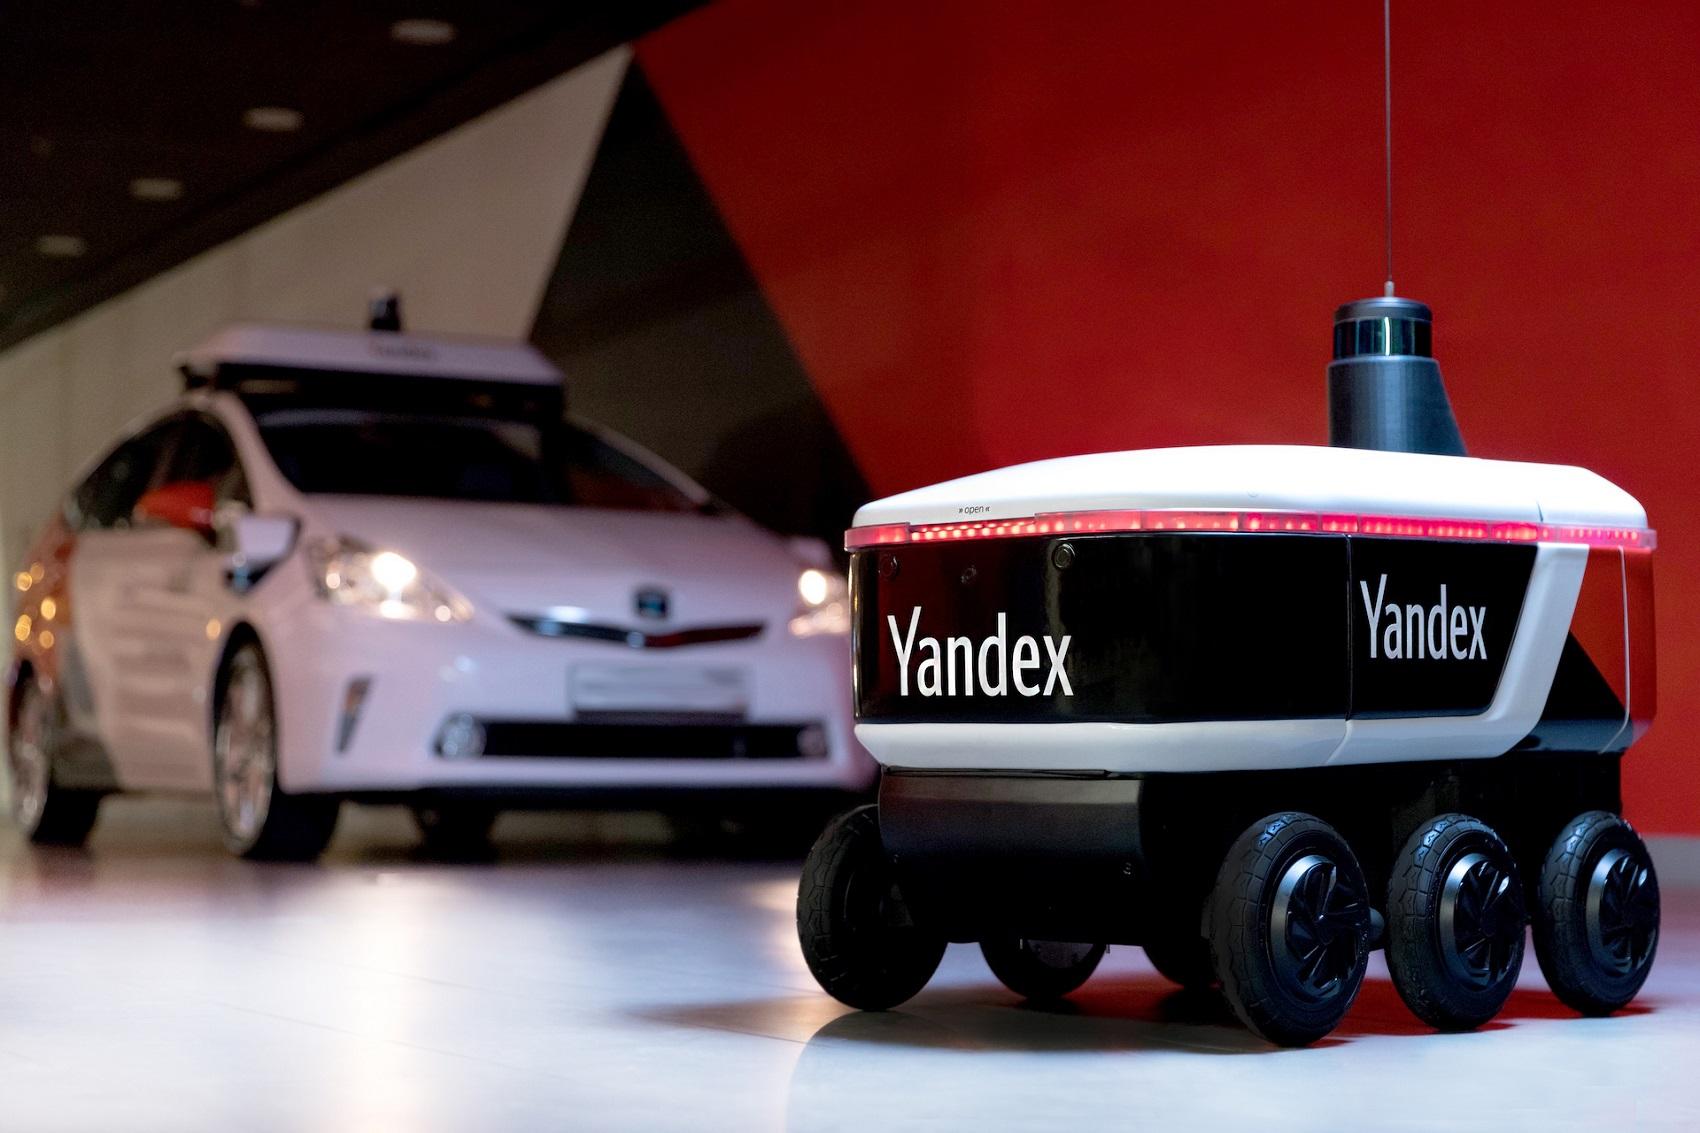 Yandex'in Yeni Teslimat Robotu Yandex.Rover Test Sürüşlerine Başladı